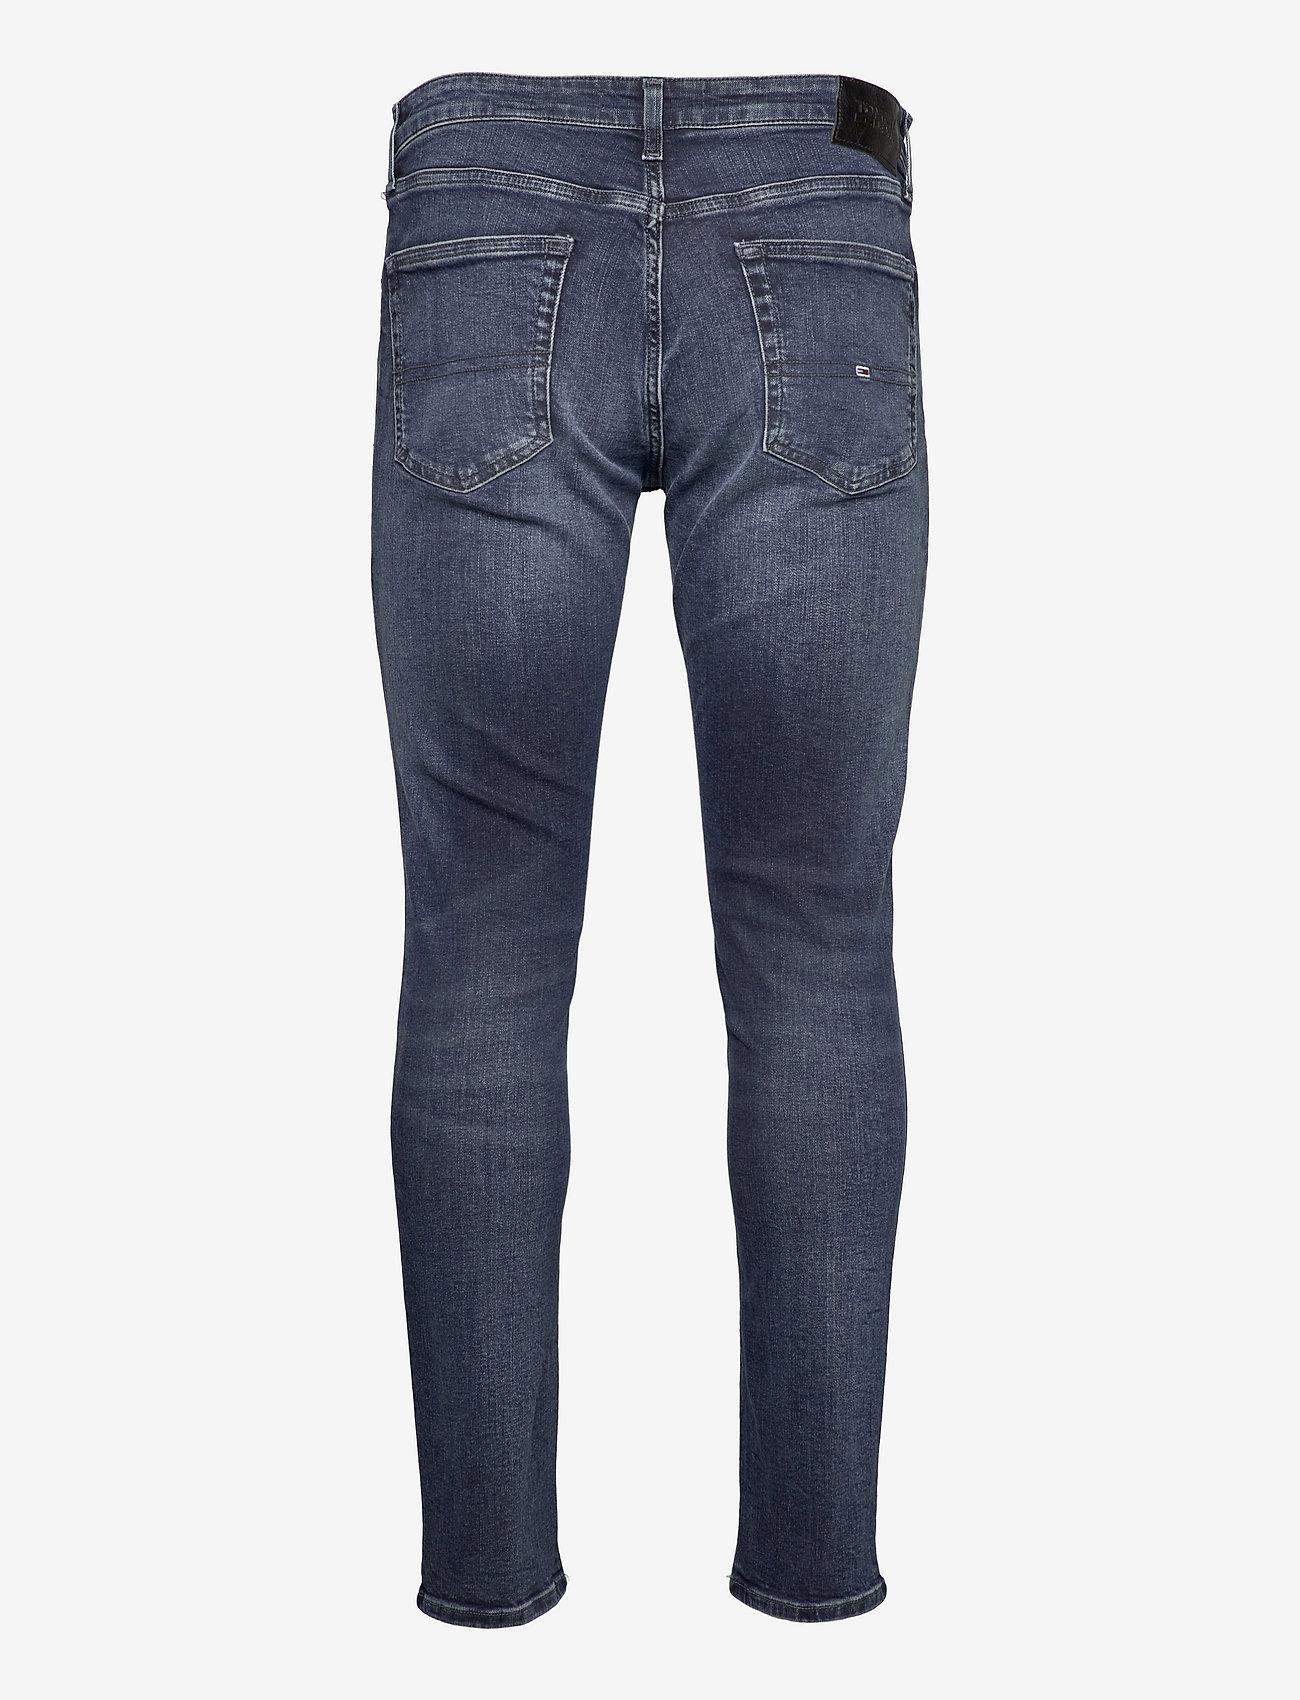 Tommy Jeans - AUSTIN SLIM TPRD BE165 BBKS - slim jeans - denim dark - 1